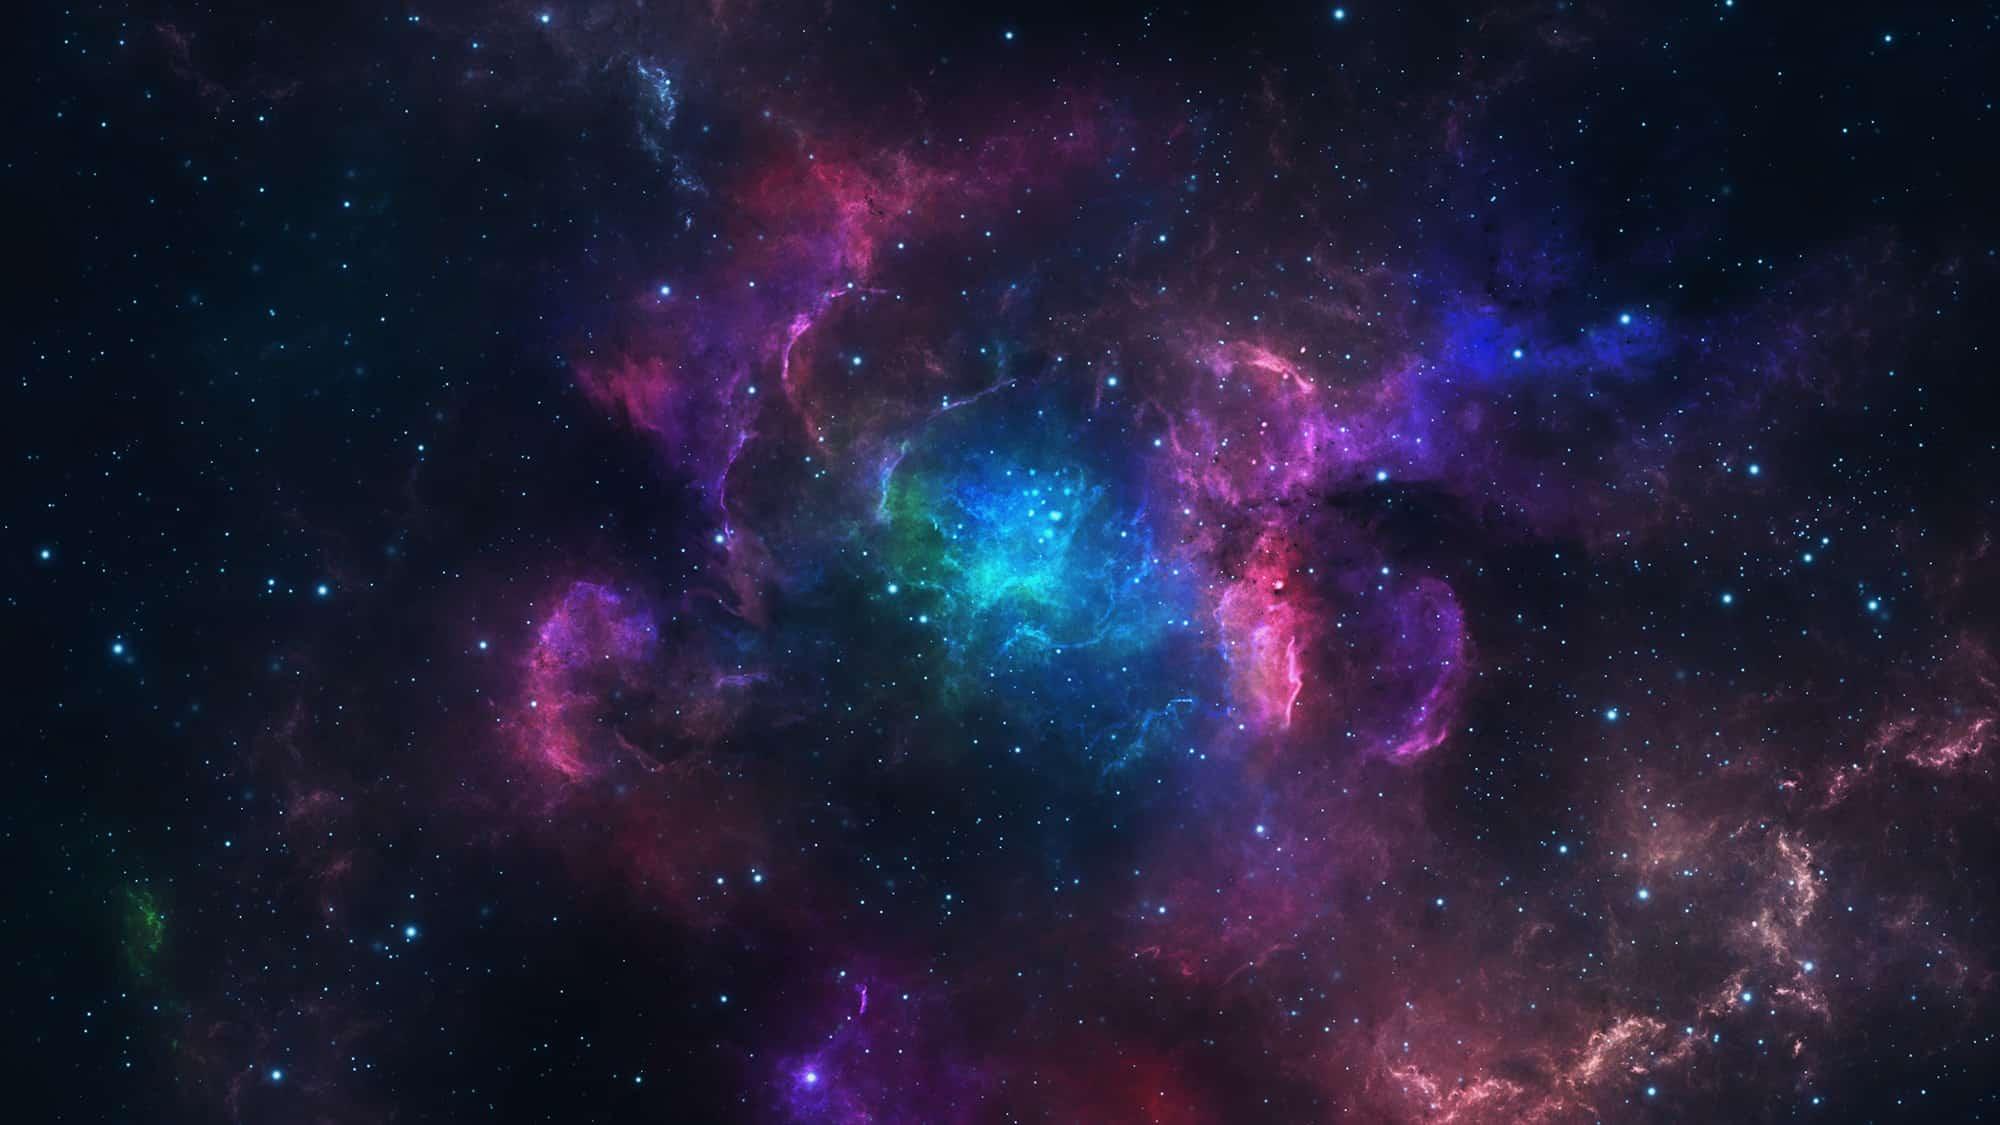 Nebula comme métaphore de l'inspiration